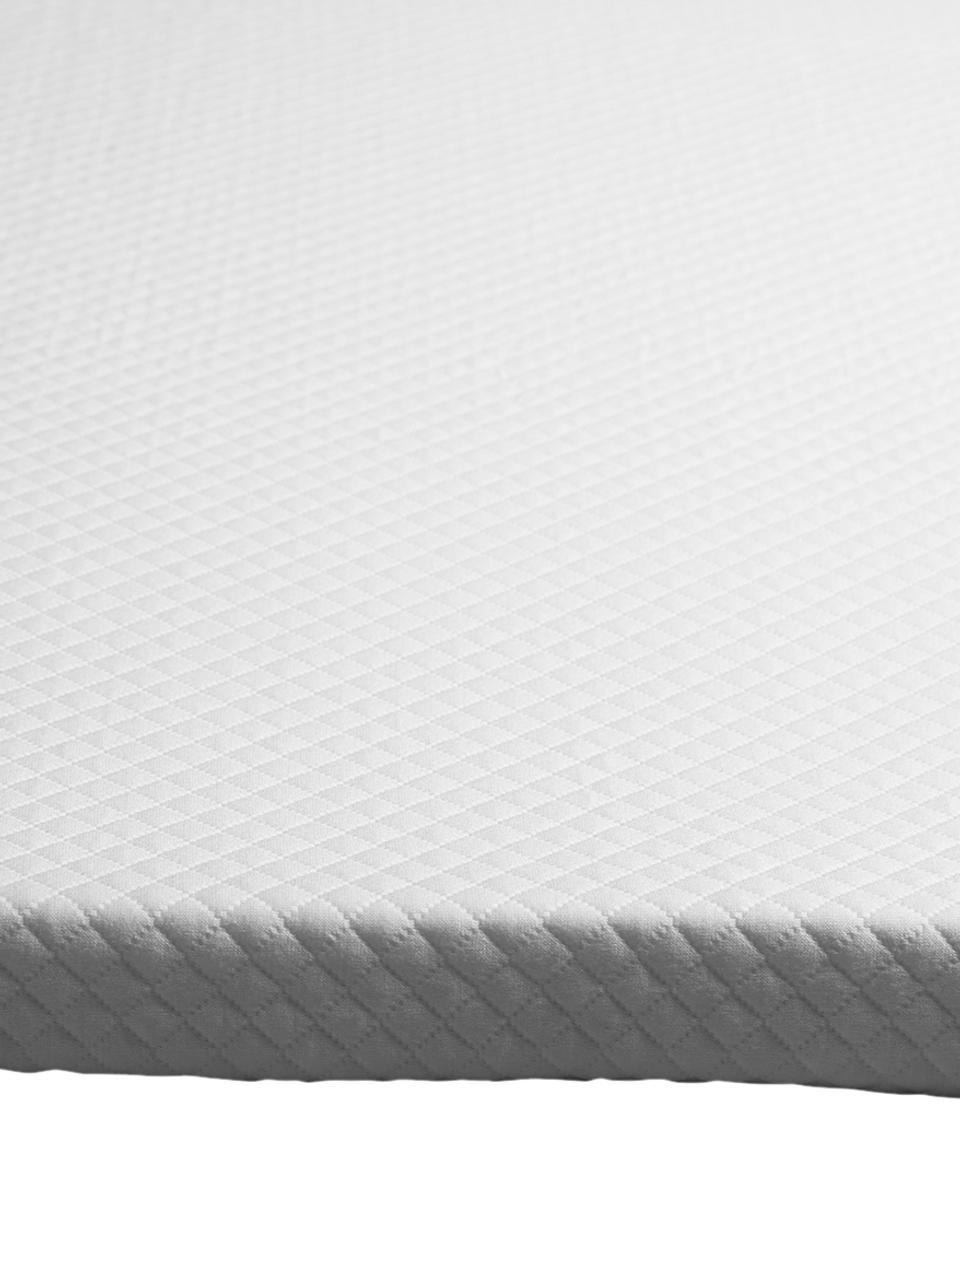 Viscoelastische Memory-Foam Matratzenauflage Premium, Bezug: 60% Polyester, 40% Viskos, Weiß, 200 x 200 cm